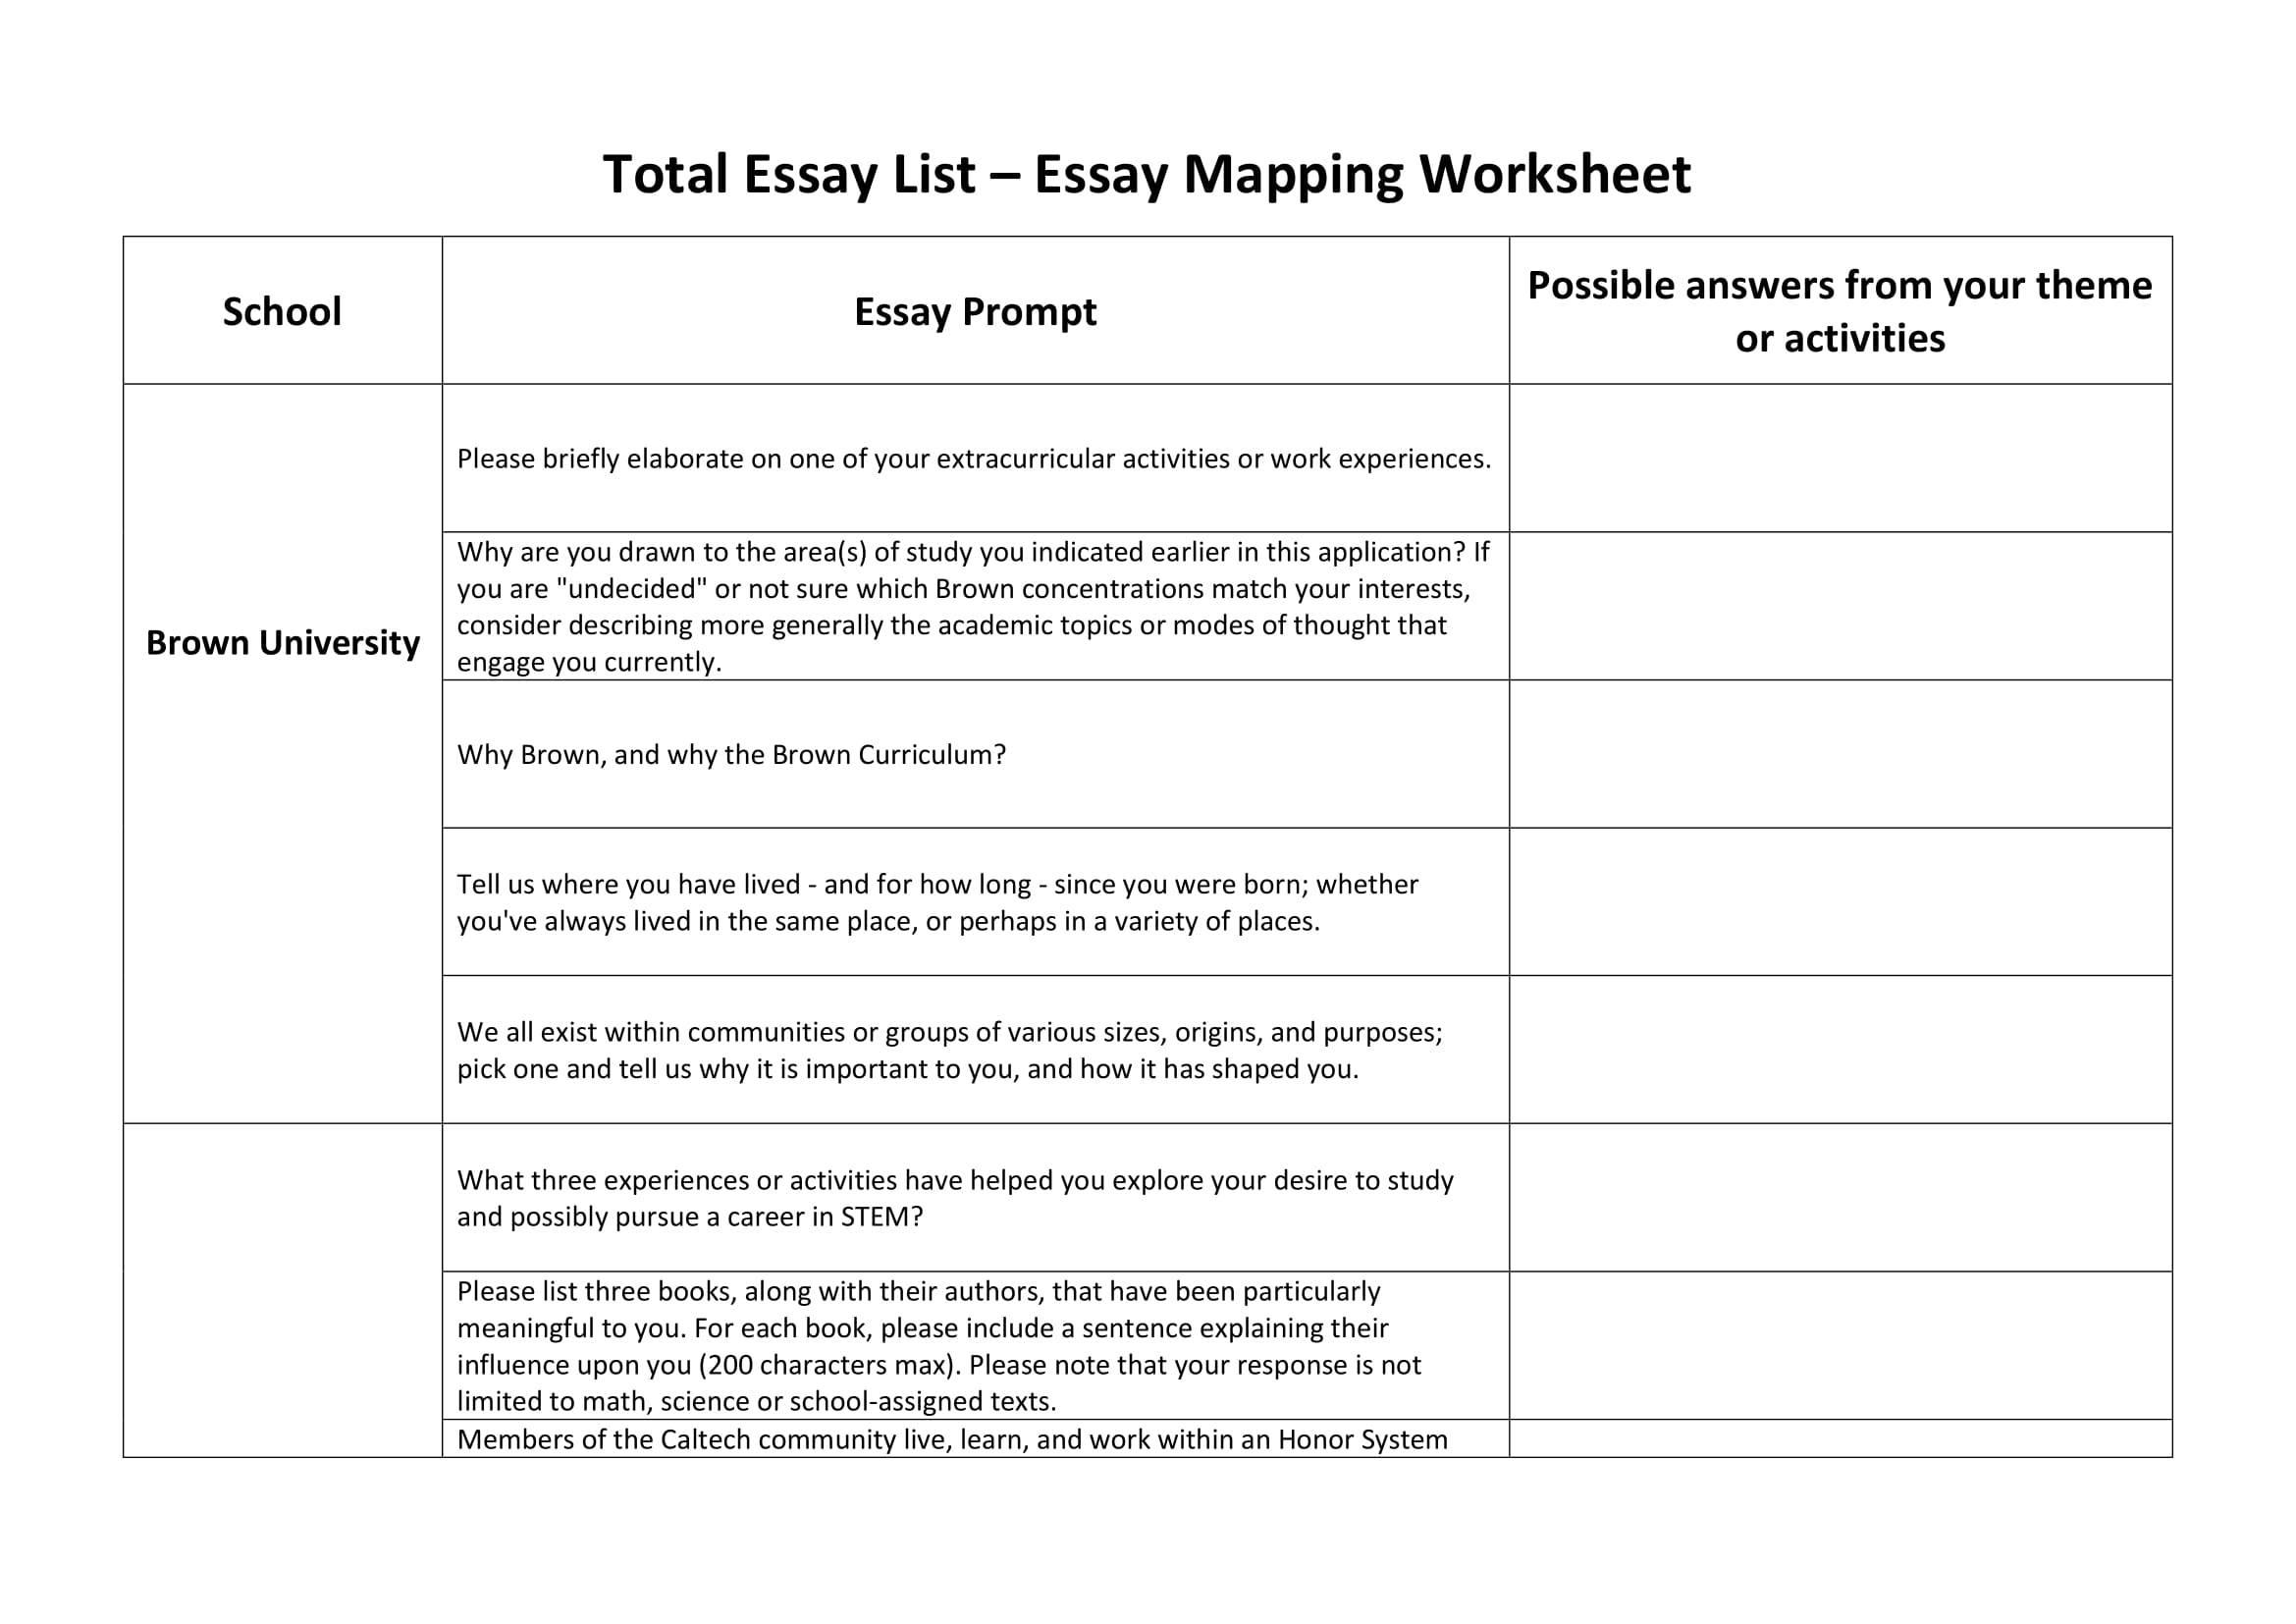 009 College Essay Consultants Module 1fit23392c1654ssl1 Fantastic Best Full